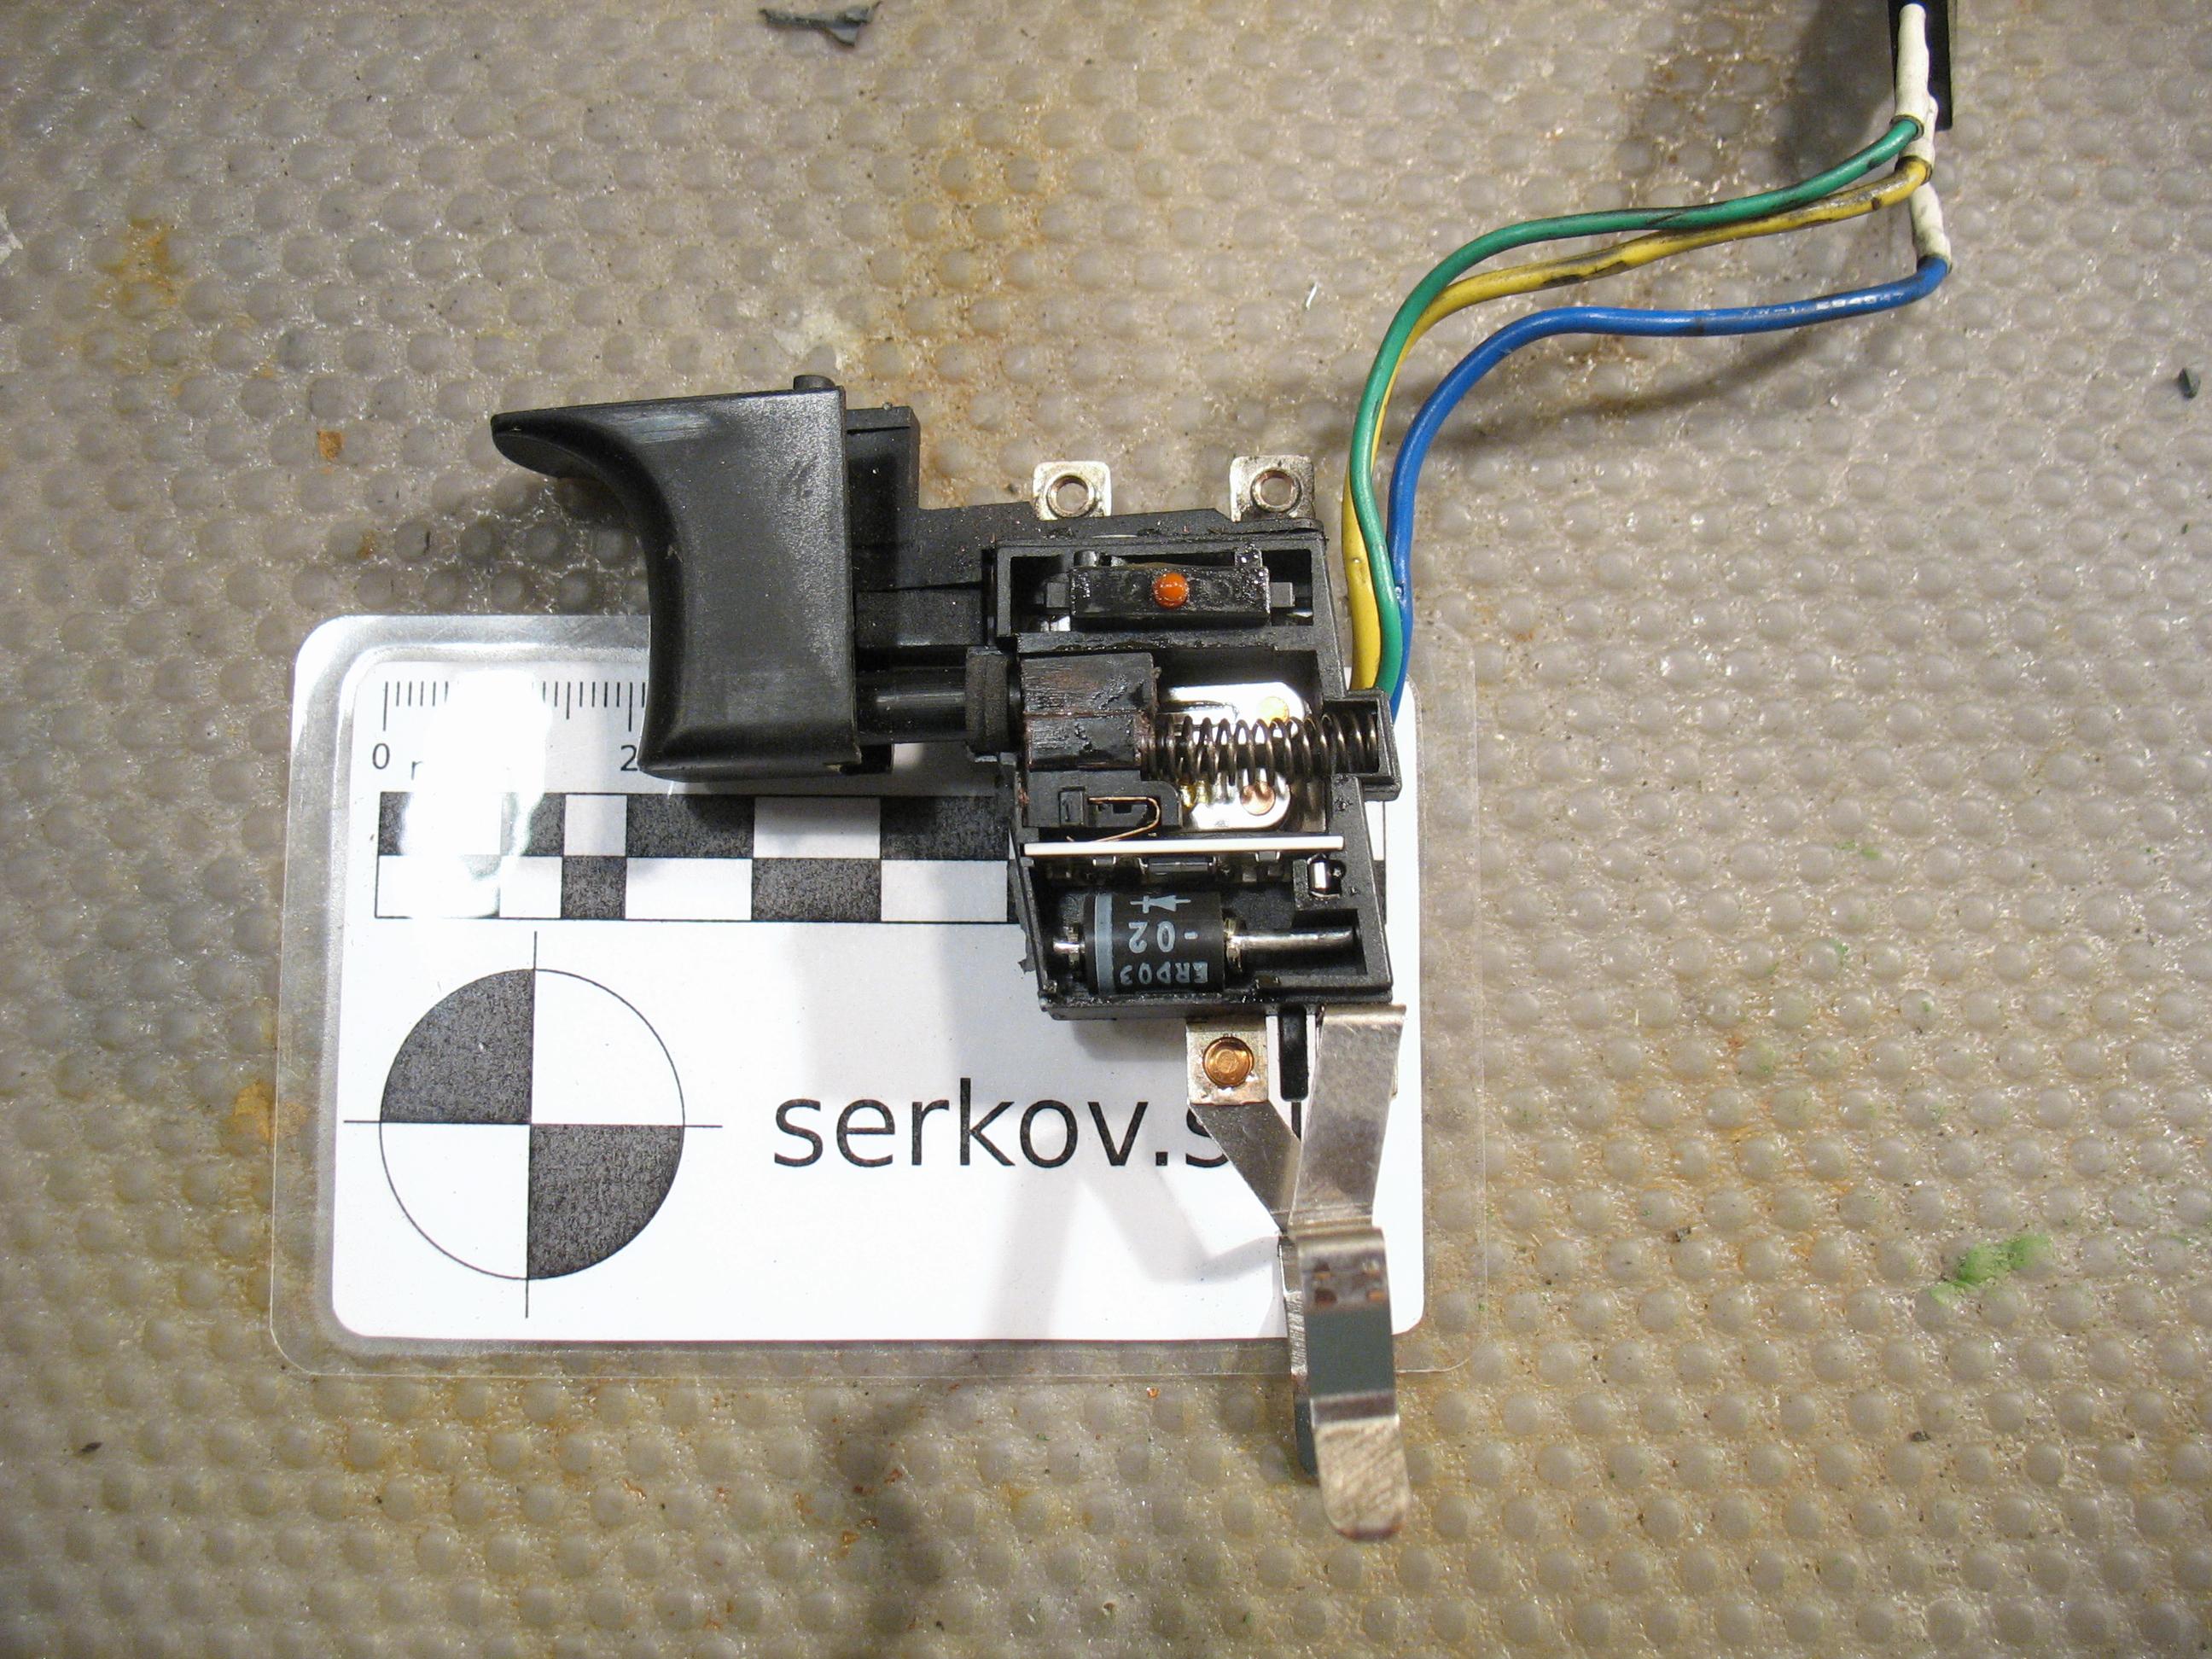 Схема электродрели реверсом кнопка с реверсом6